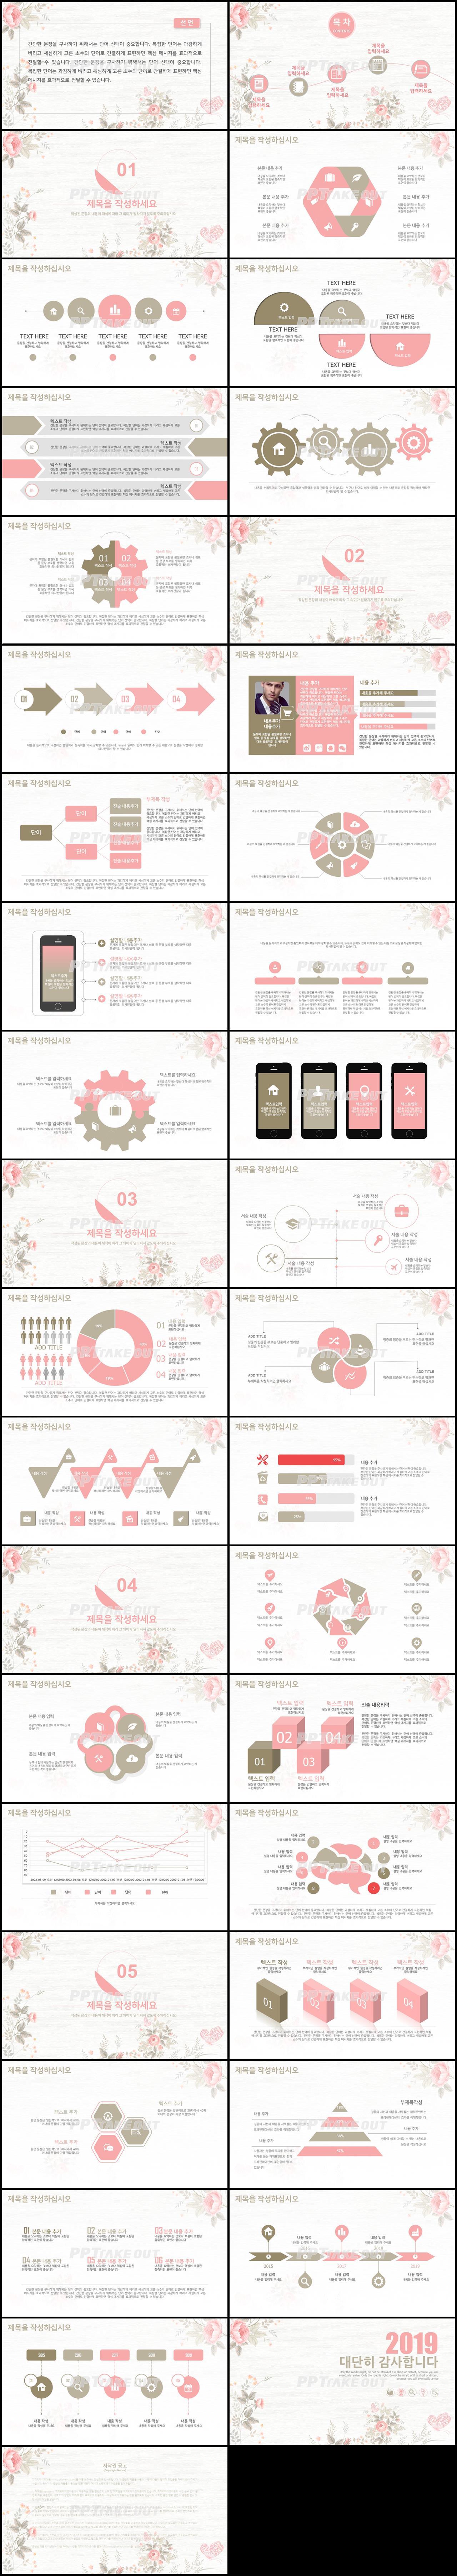 플라워, 동물주제 핑크색 수채화 발표용 POWERPOINT배경 다운 상세보기